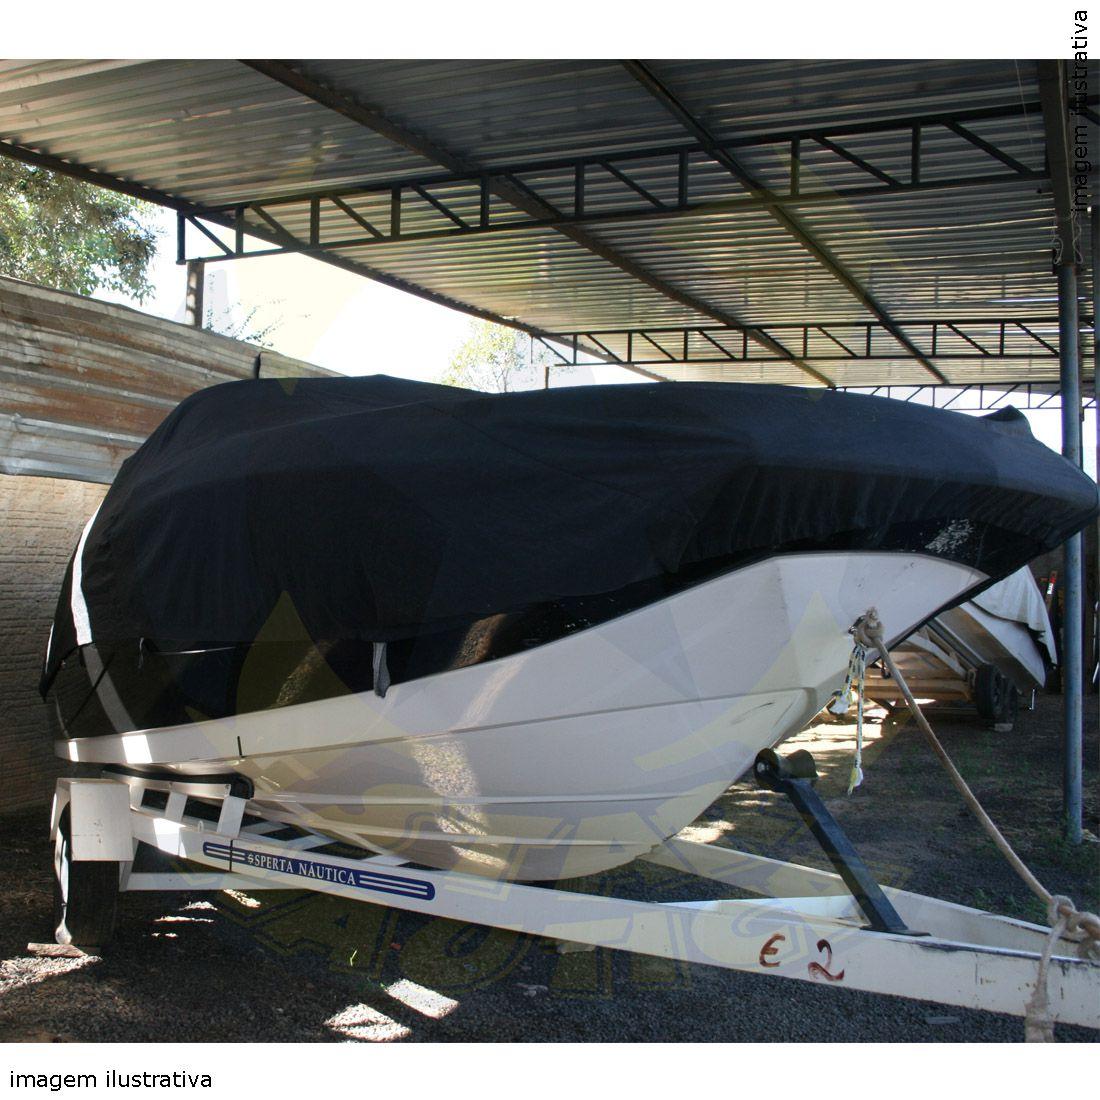 Capa Lona de Cobertura Lancha Focker 160 Lona Guarda Chuva